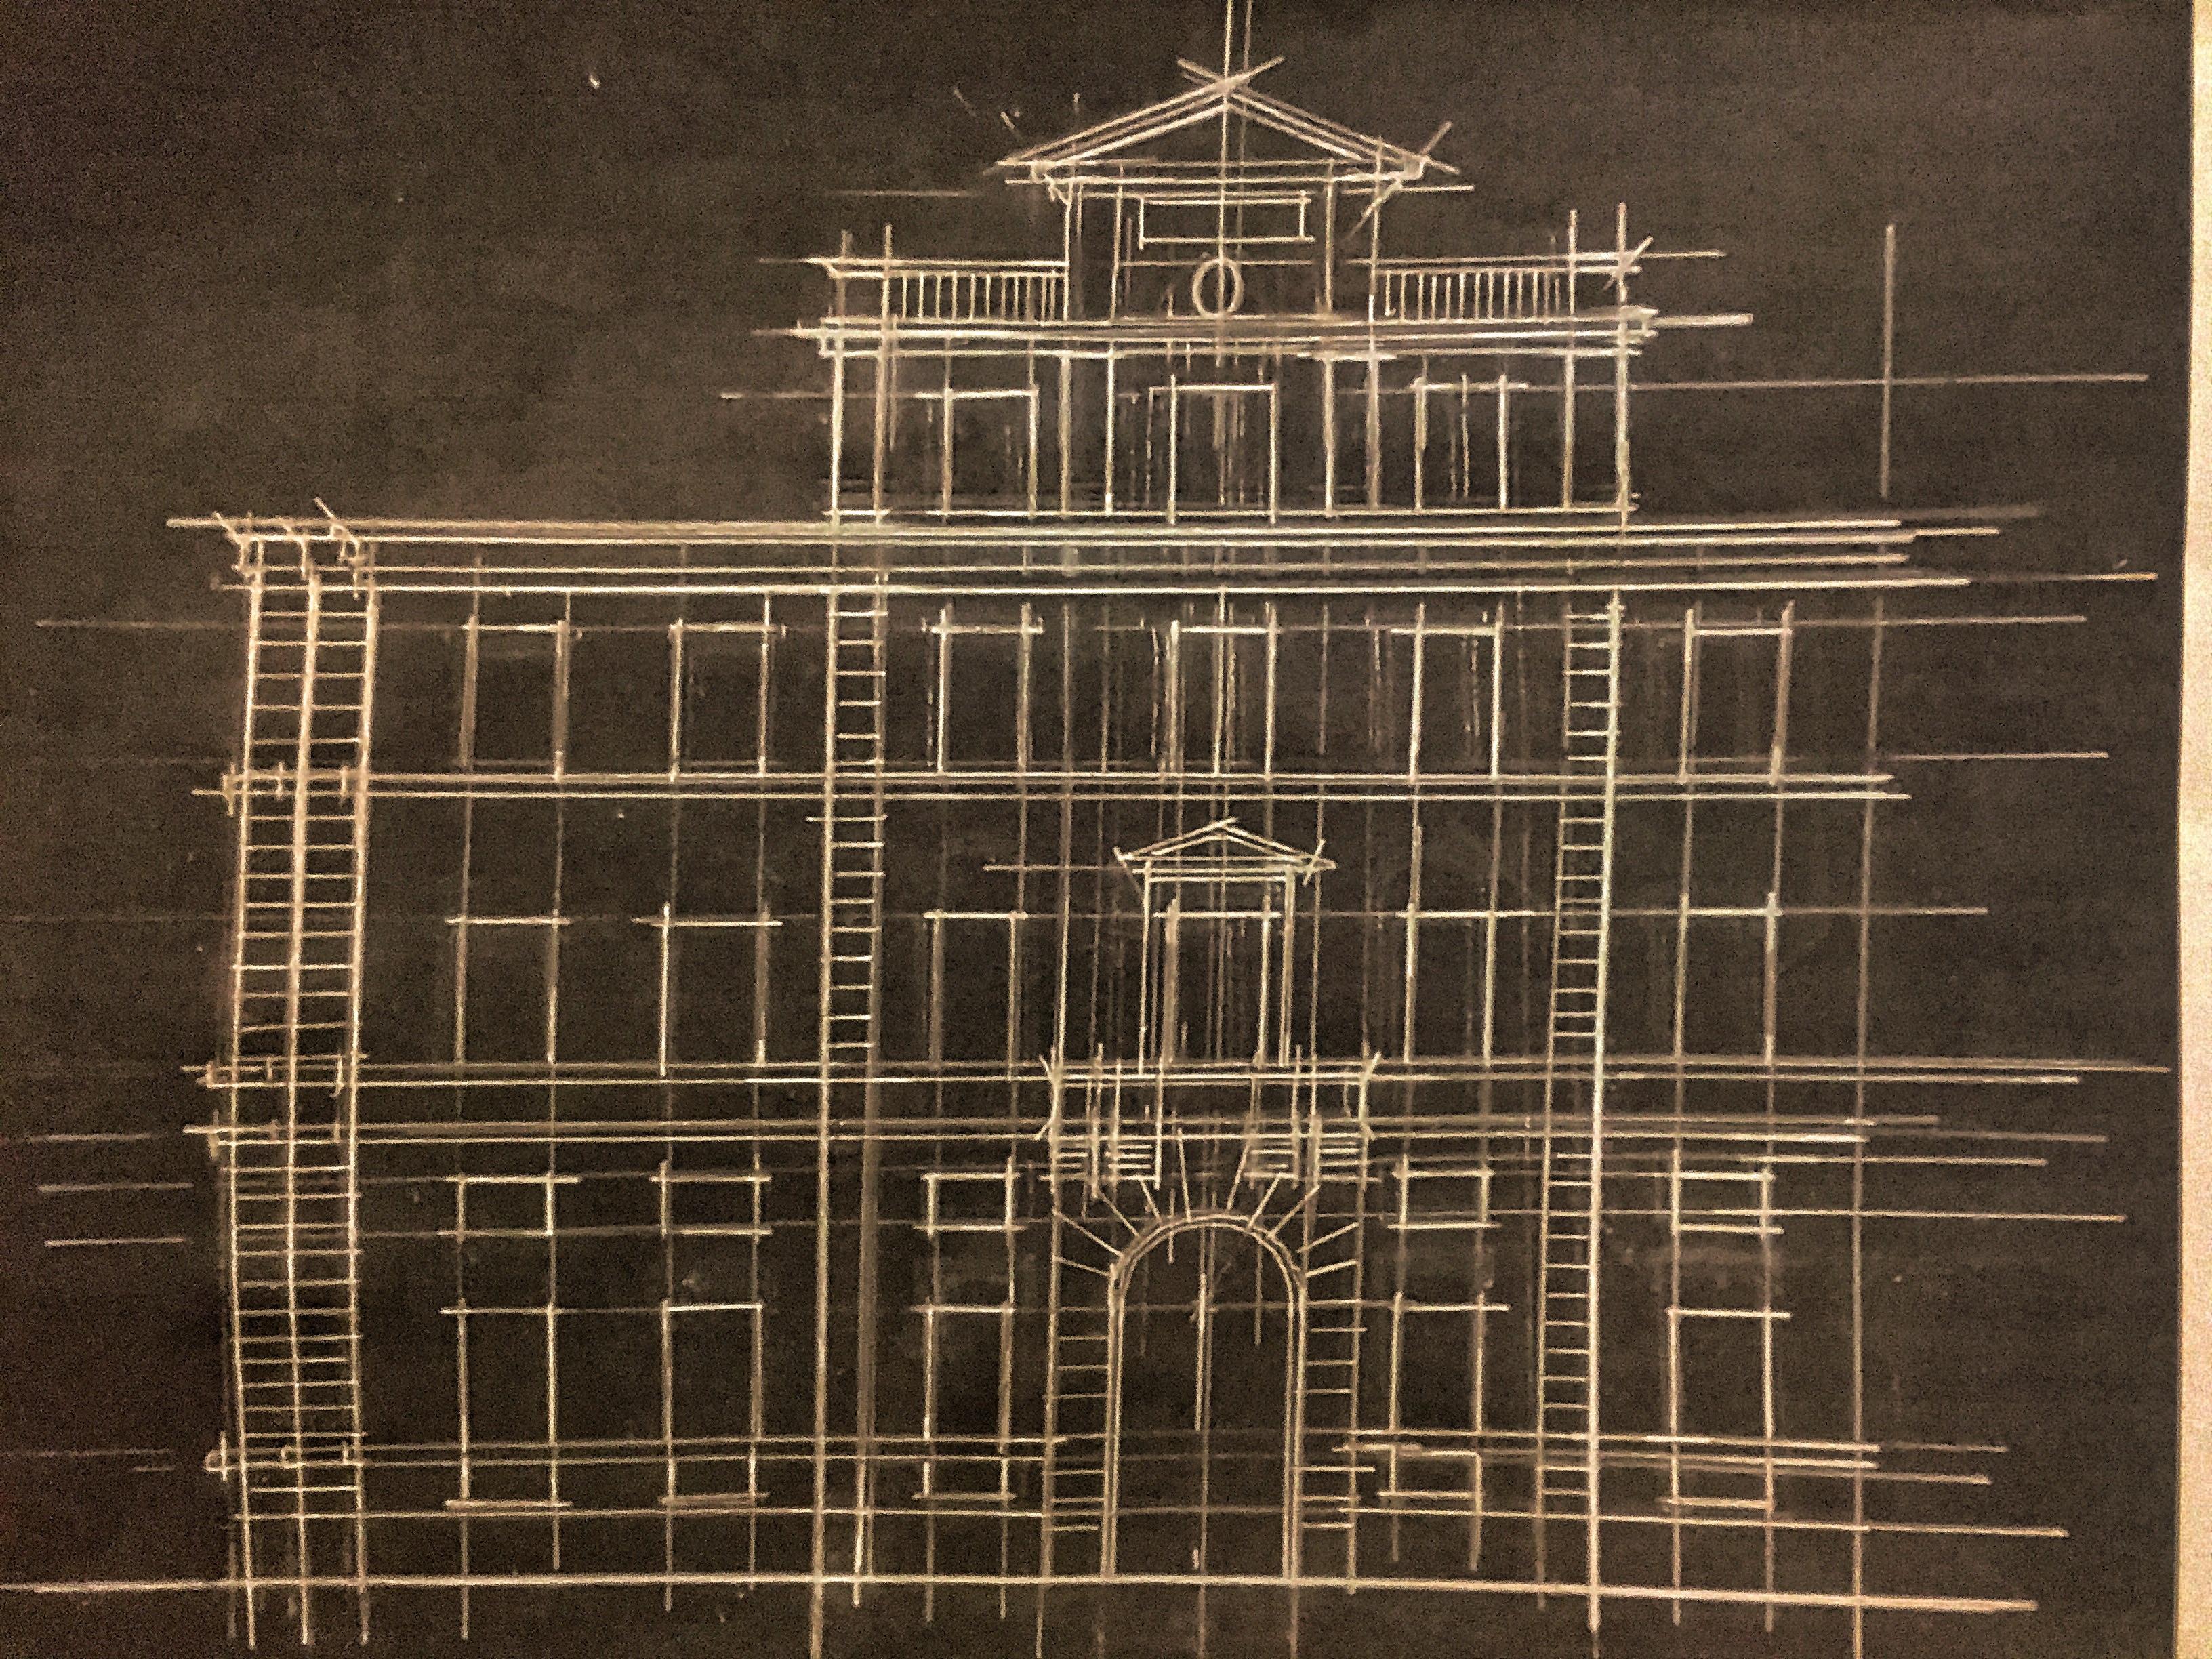 Disegno architettonico su carta della sede della Facoltà di Architettura de La Sapienza di Roma in Piazza Borghese 9. Foto Safarik Art Magazine